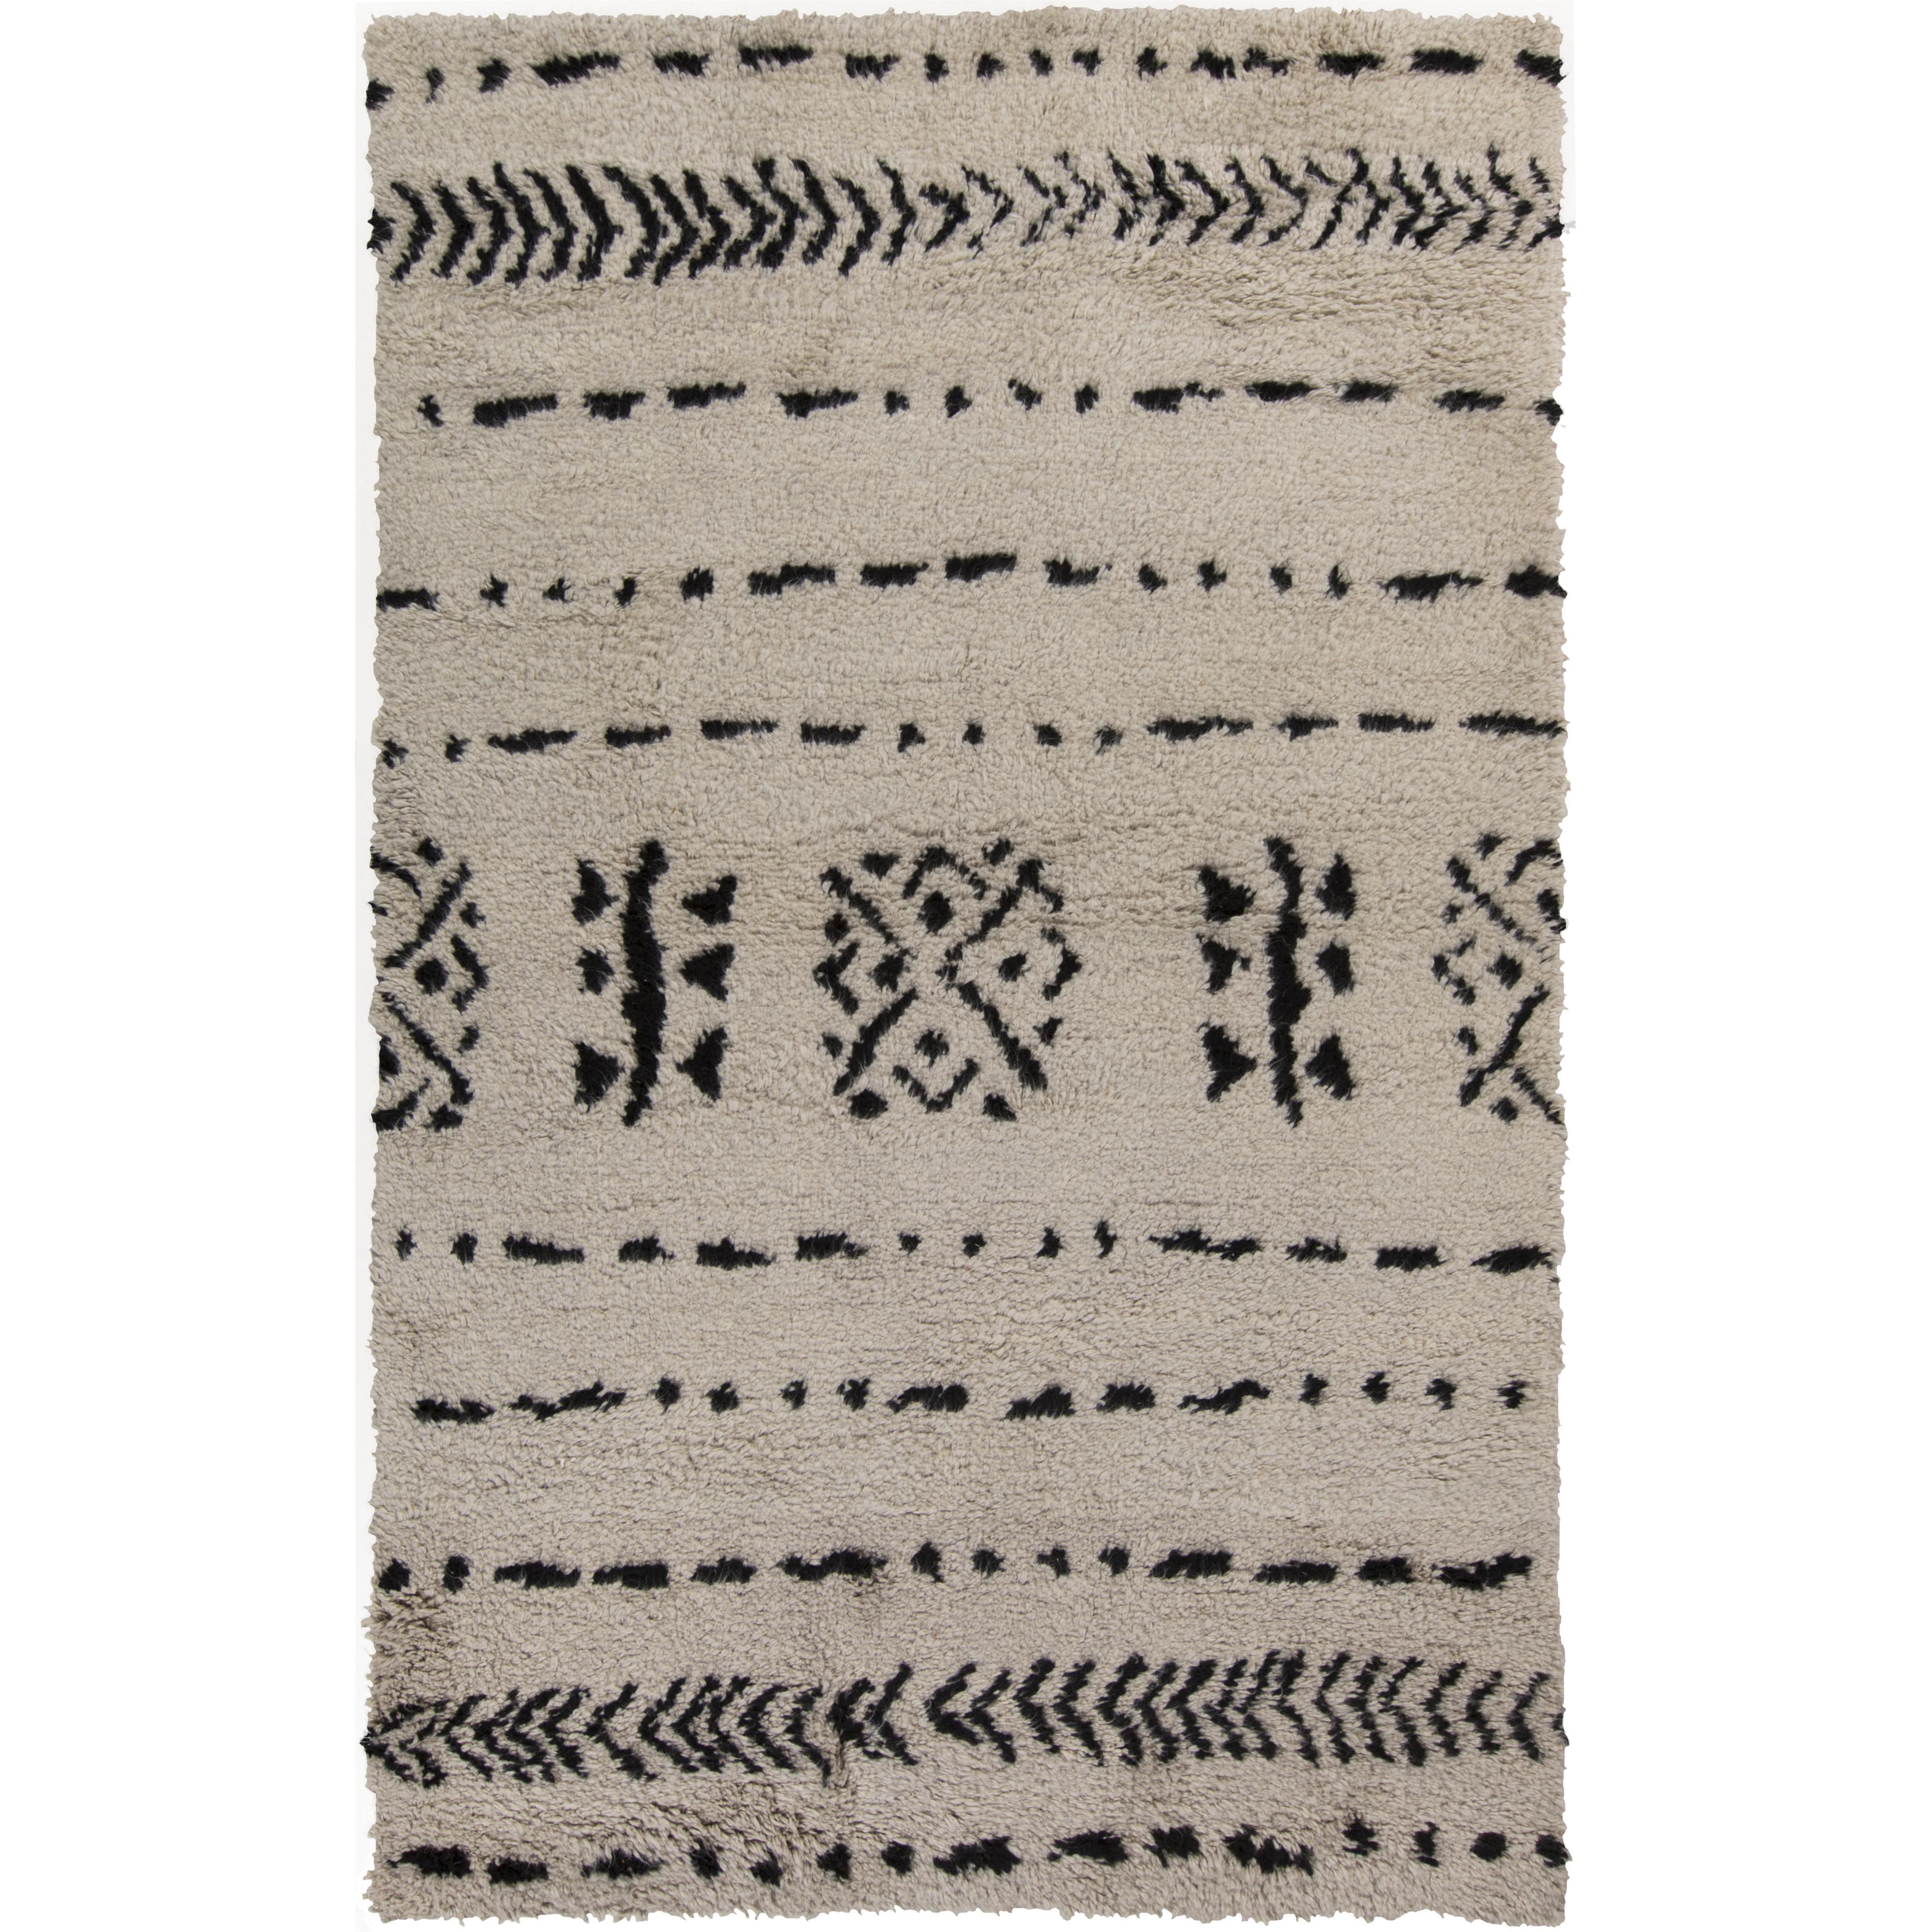 Surya Rugs Denali 8' x 10' - Item Number: DEN5000-810